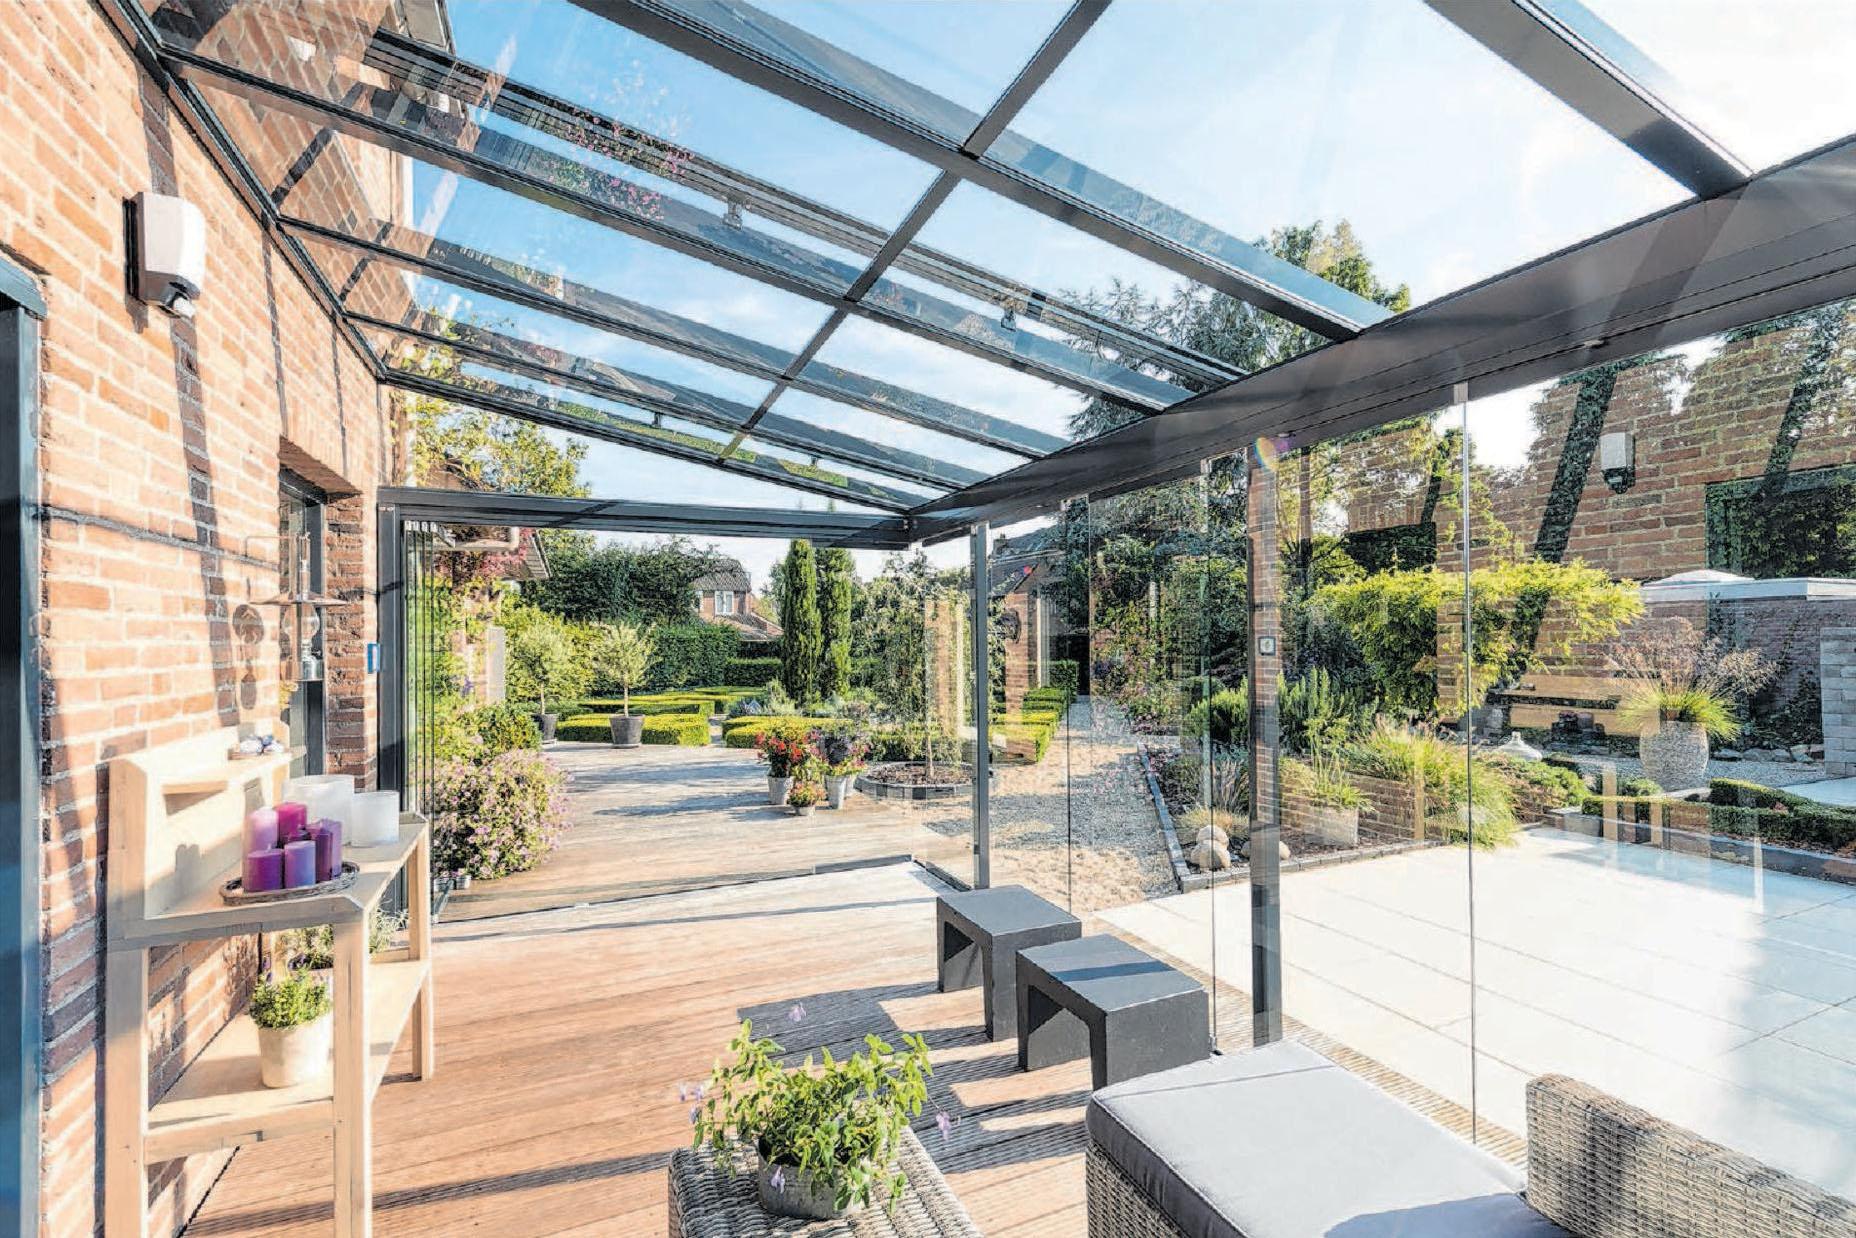 Ein Terrassendach von Romer-Sonnenschutz schafft Sommerfeeling 365 Tage im Jahr. Fotos: Romer